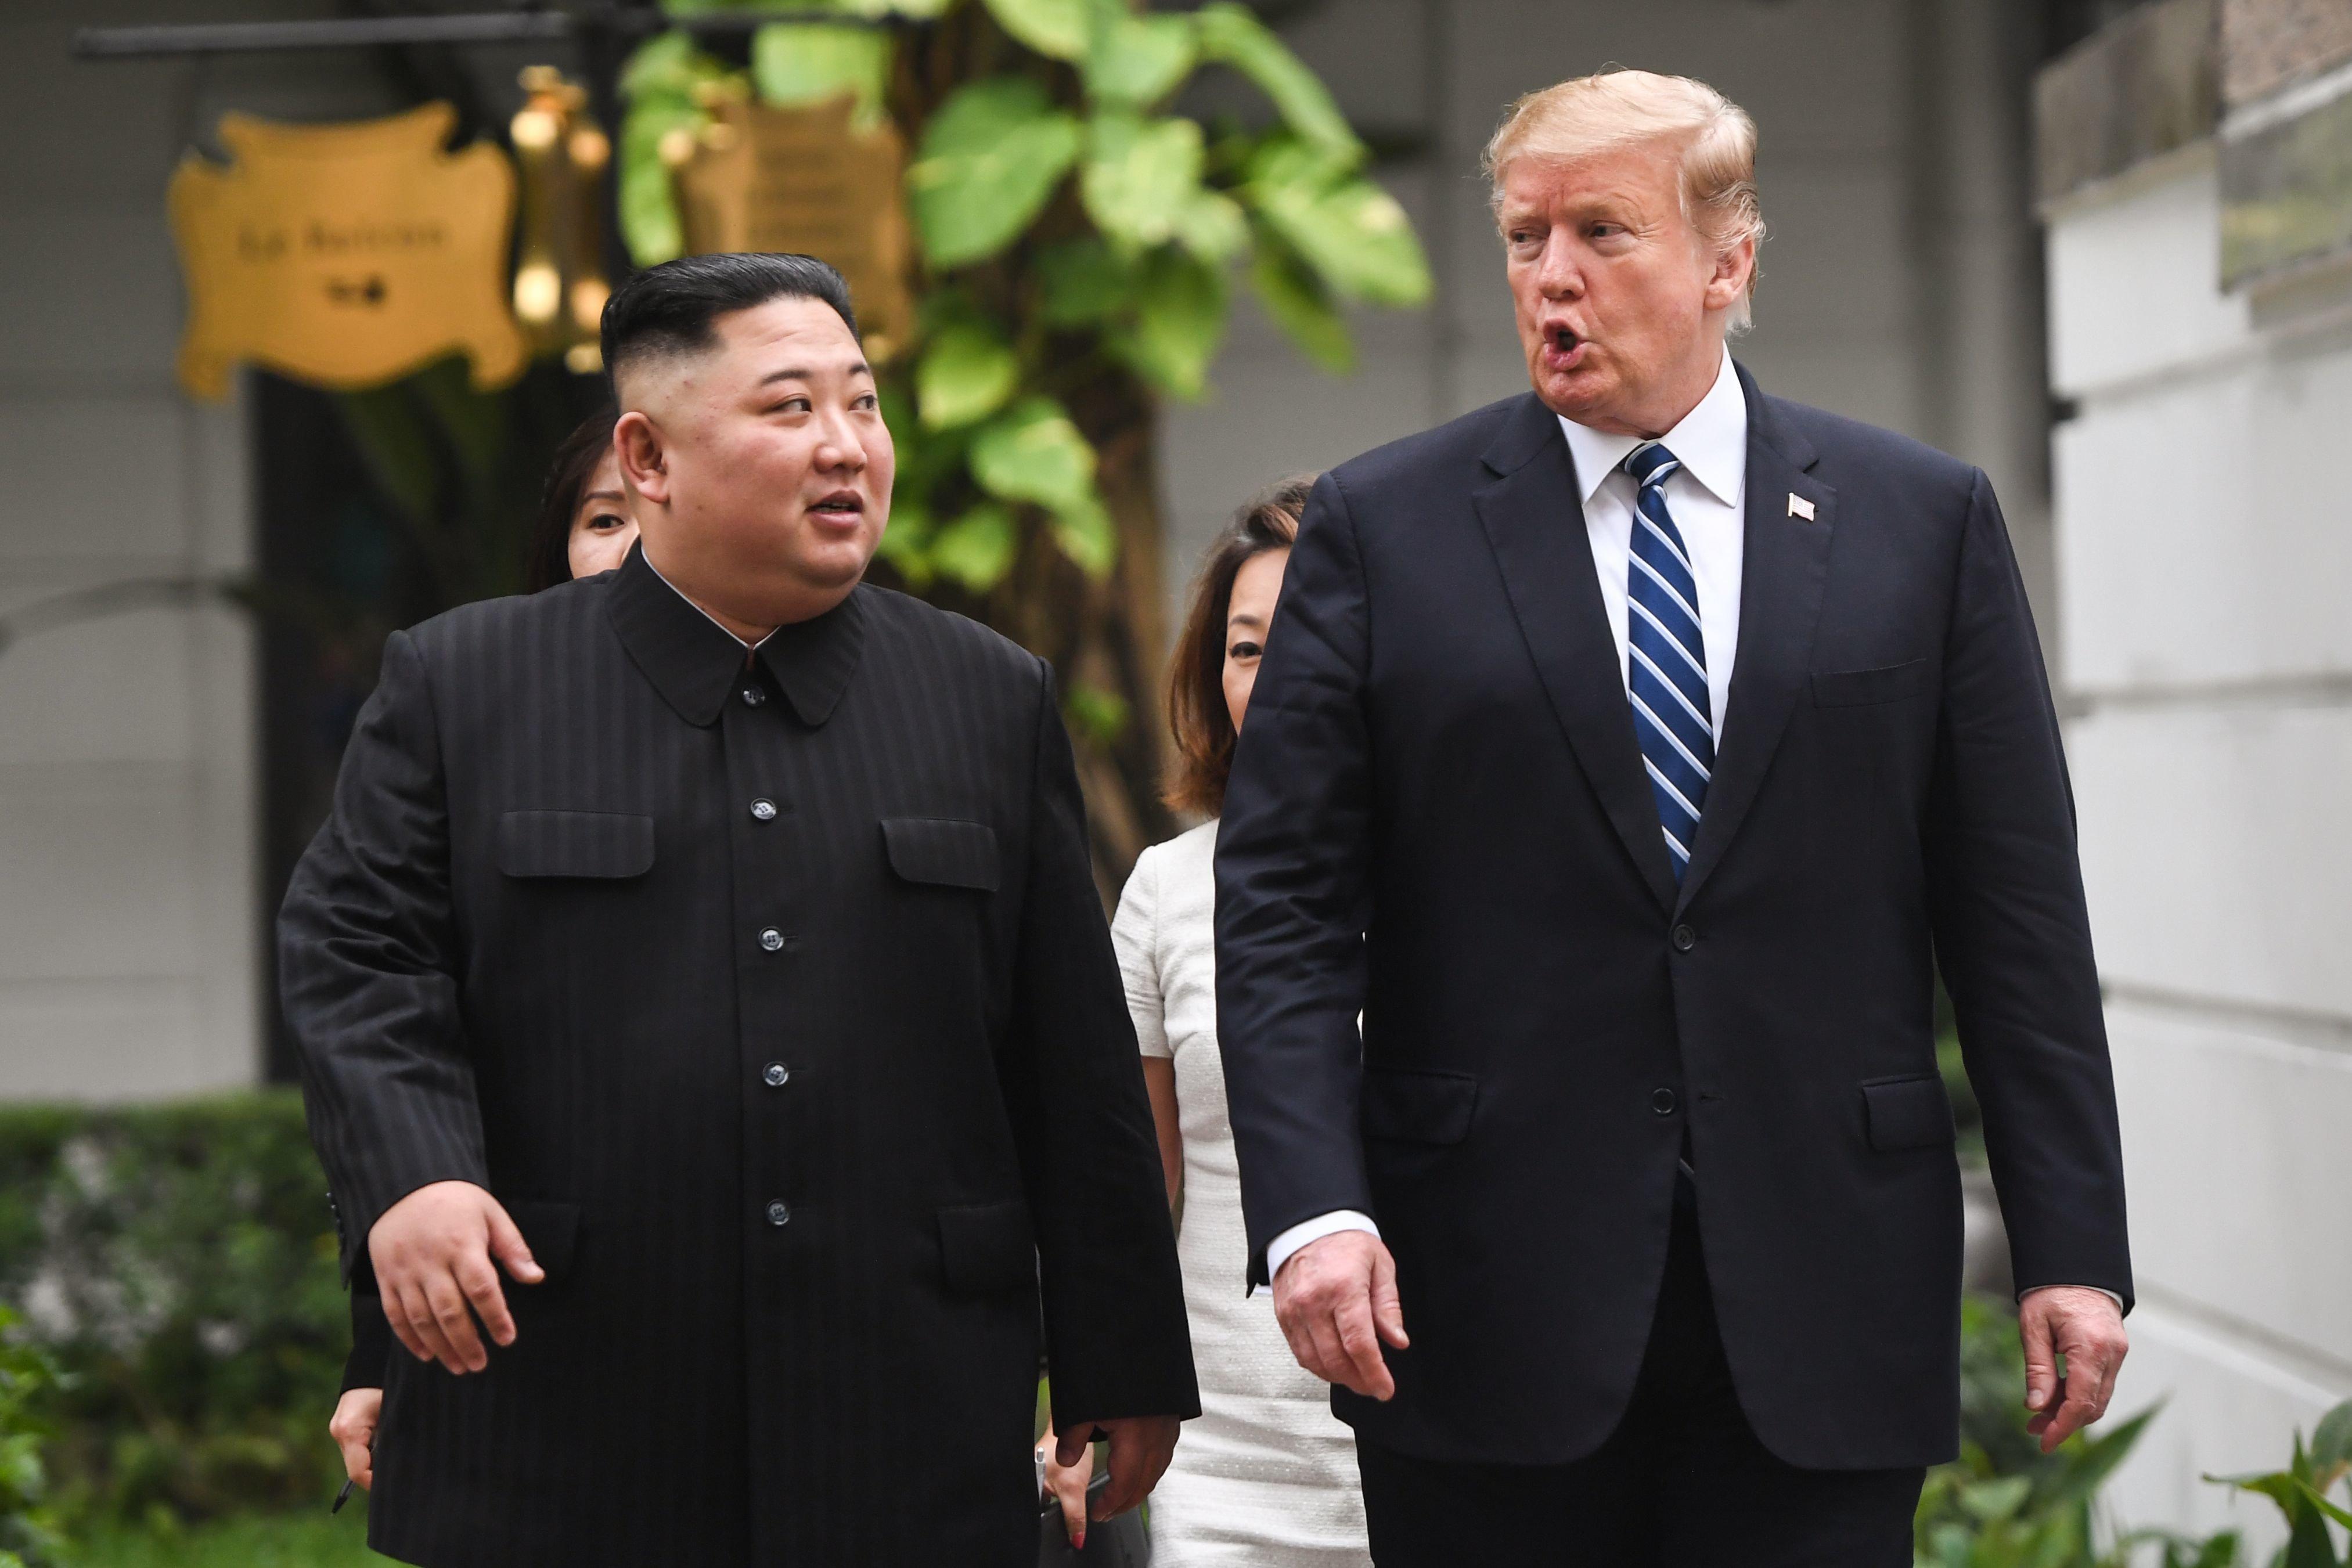 트럼프가 '북한 동창리 발사대 복구중' 보도에 대한 입장을